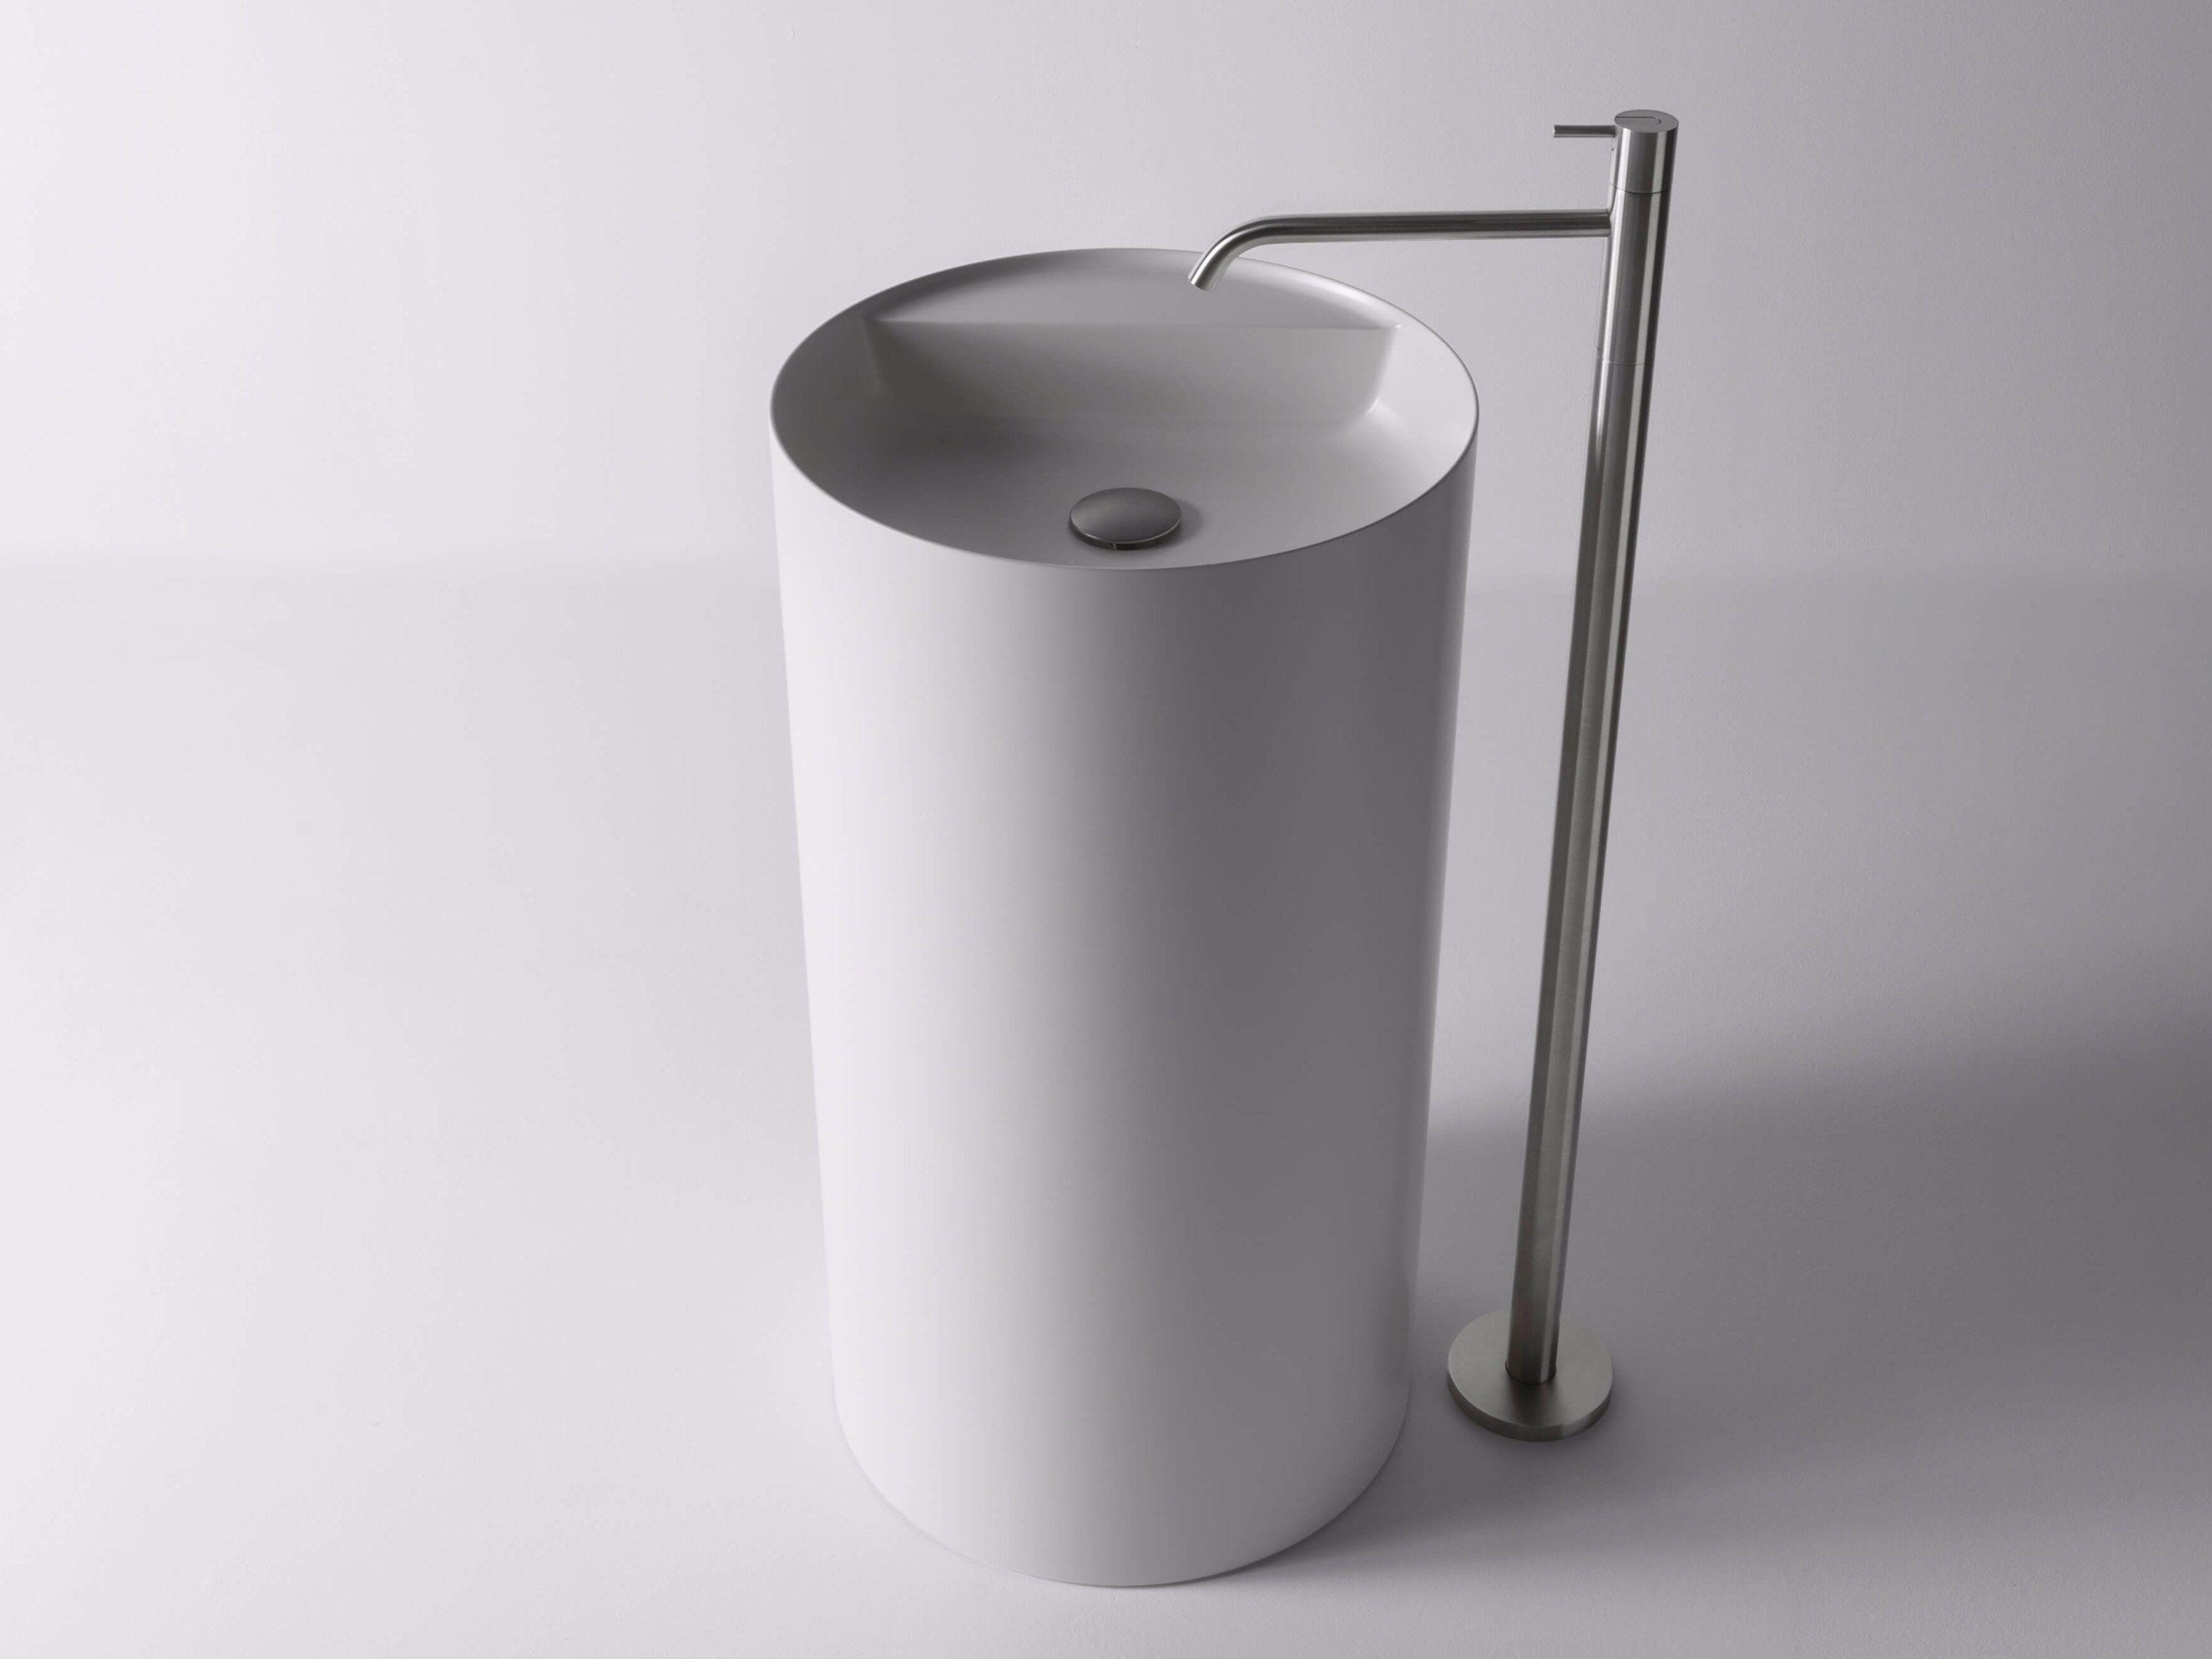 AGO | Lavabo By Antonio Lupi Design design Mario Ferrarini